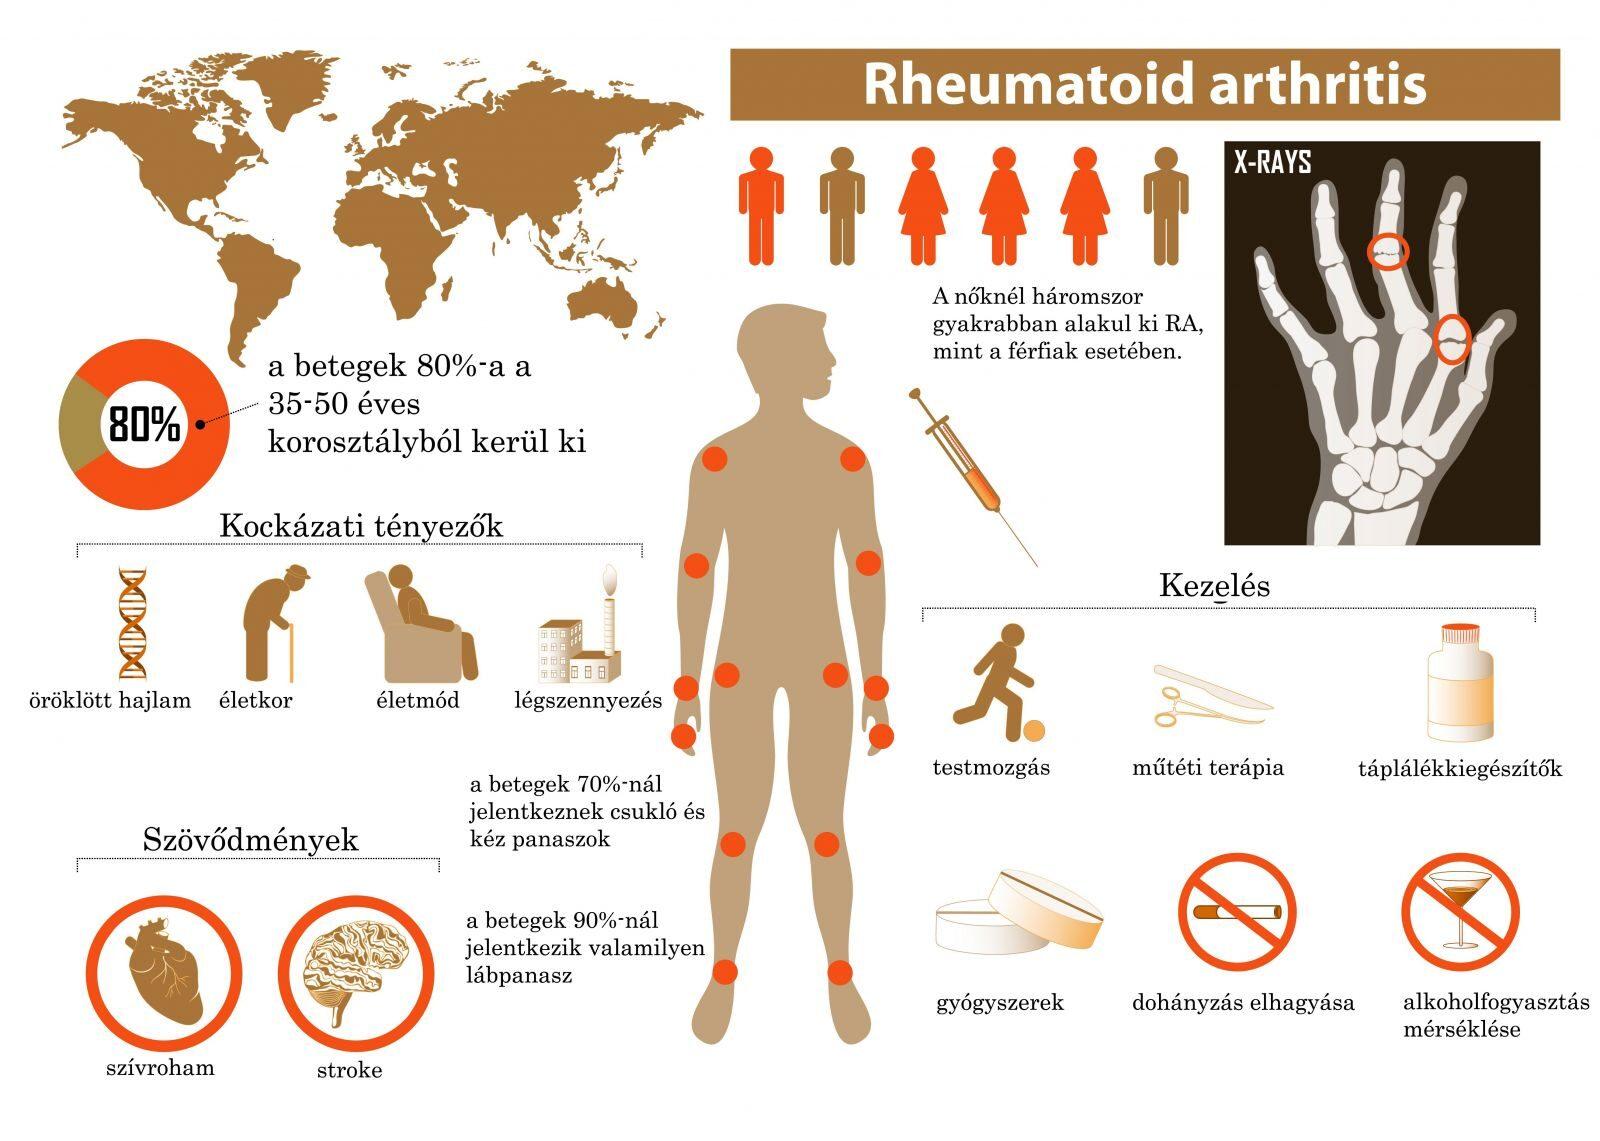 ízületi gyulladásos artritisz kezelést okoz kenőcs myositis és osteochondrosis esetén